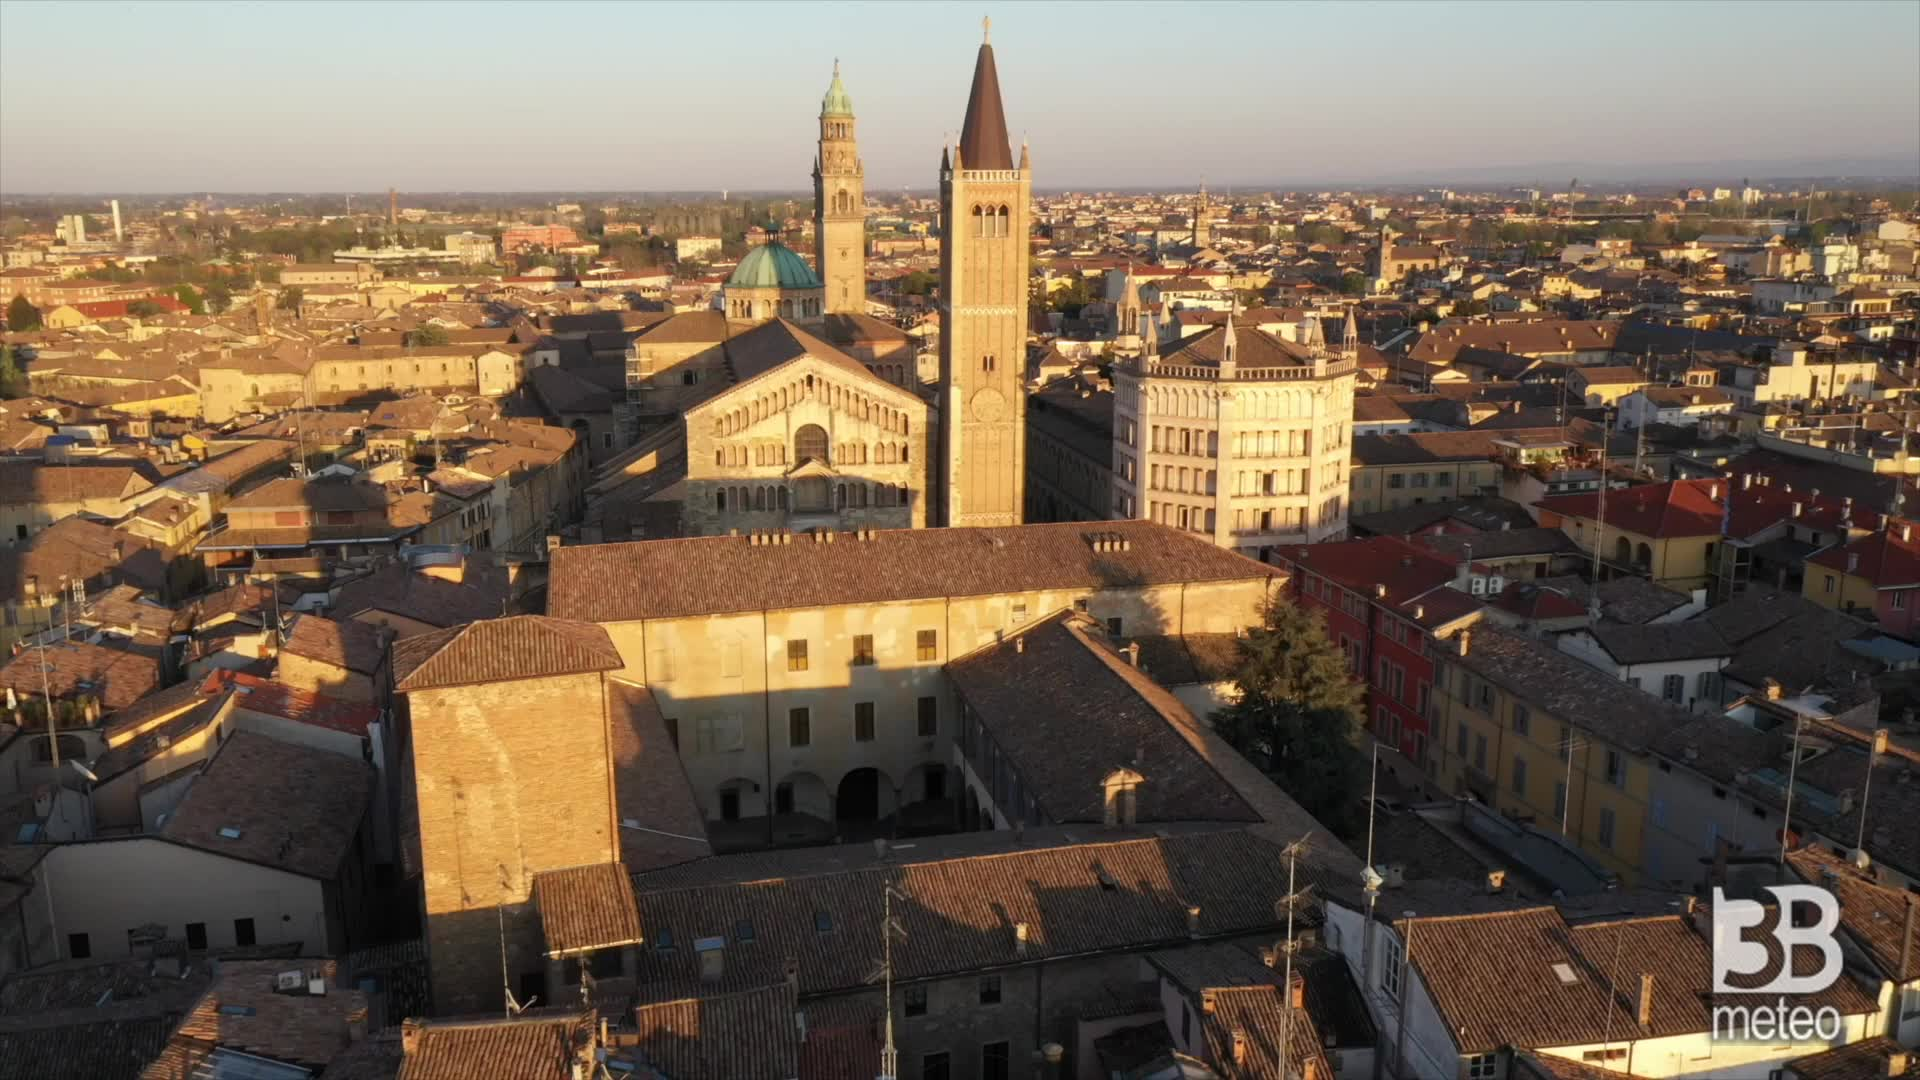 Parma deserta vista dal drone: le immagini aeree del centro